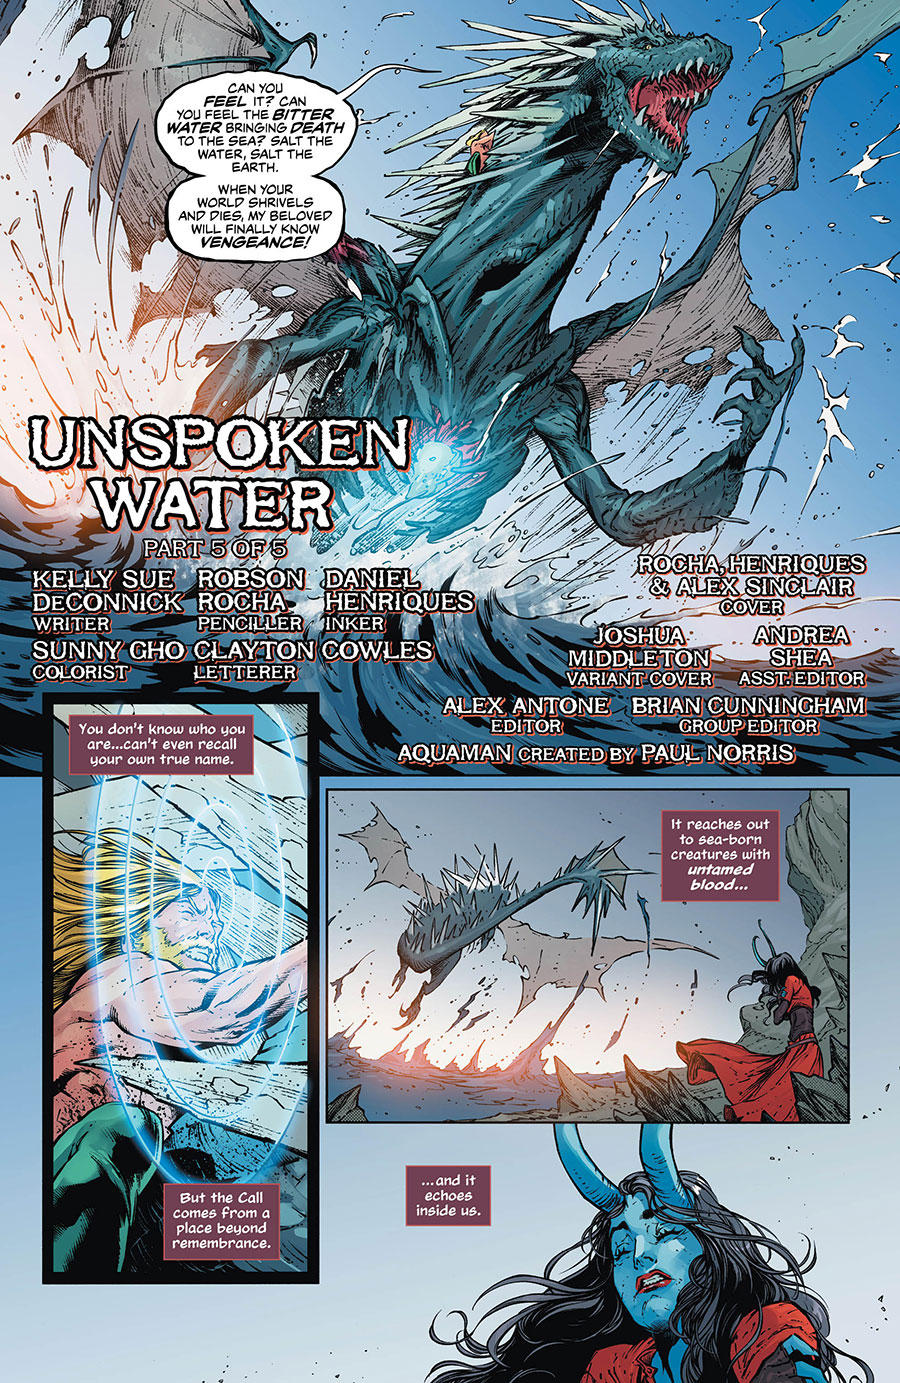 Aquaman_47_1 - DC Comics News